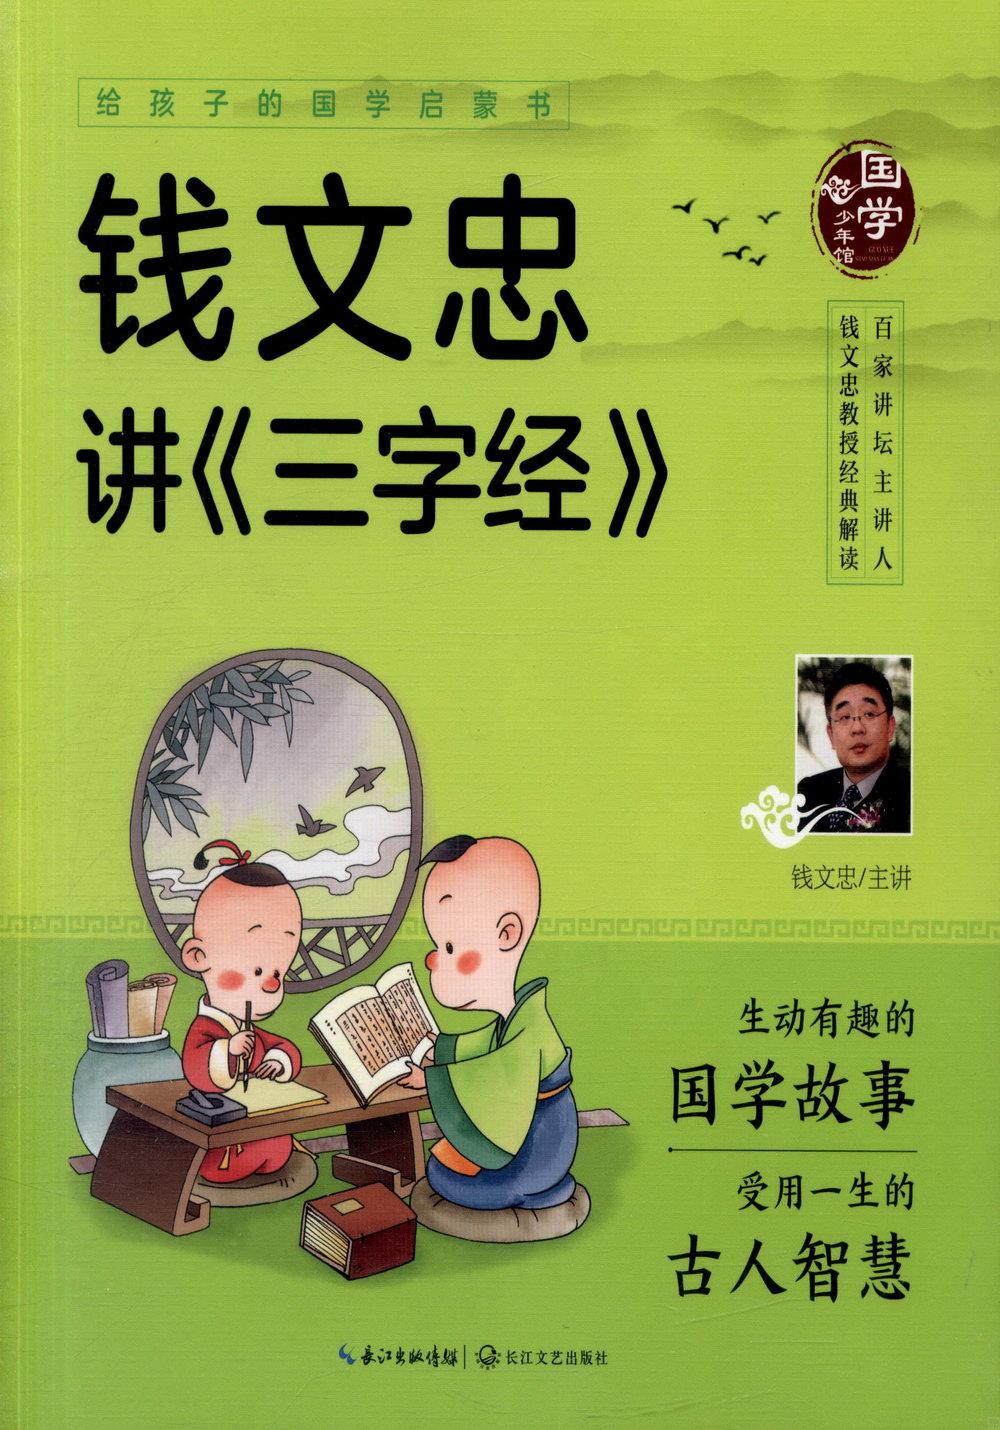 給孩子的國學啟蒙書:錢文忠講三字經